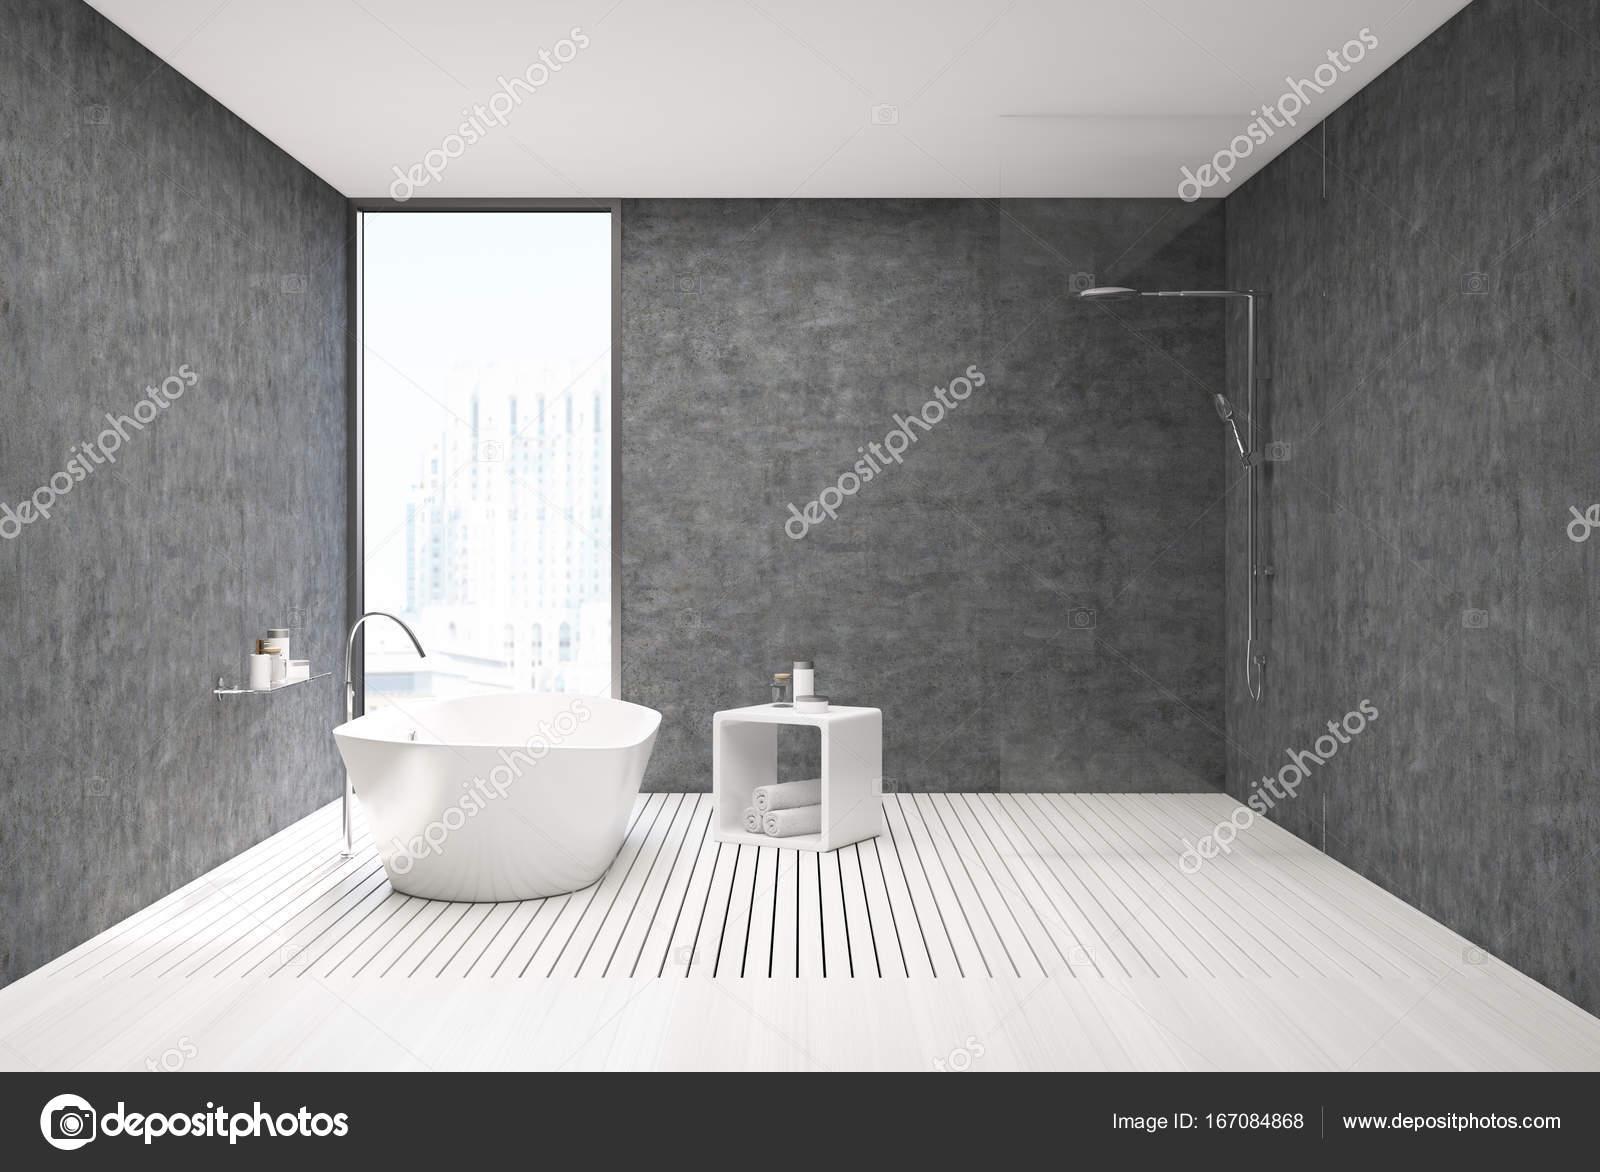 Bagno completo in legno cemento e bianco u2014 foto stock